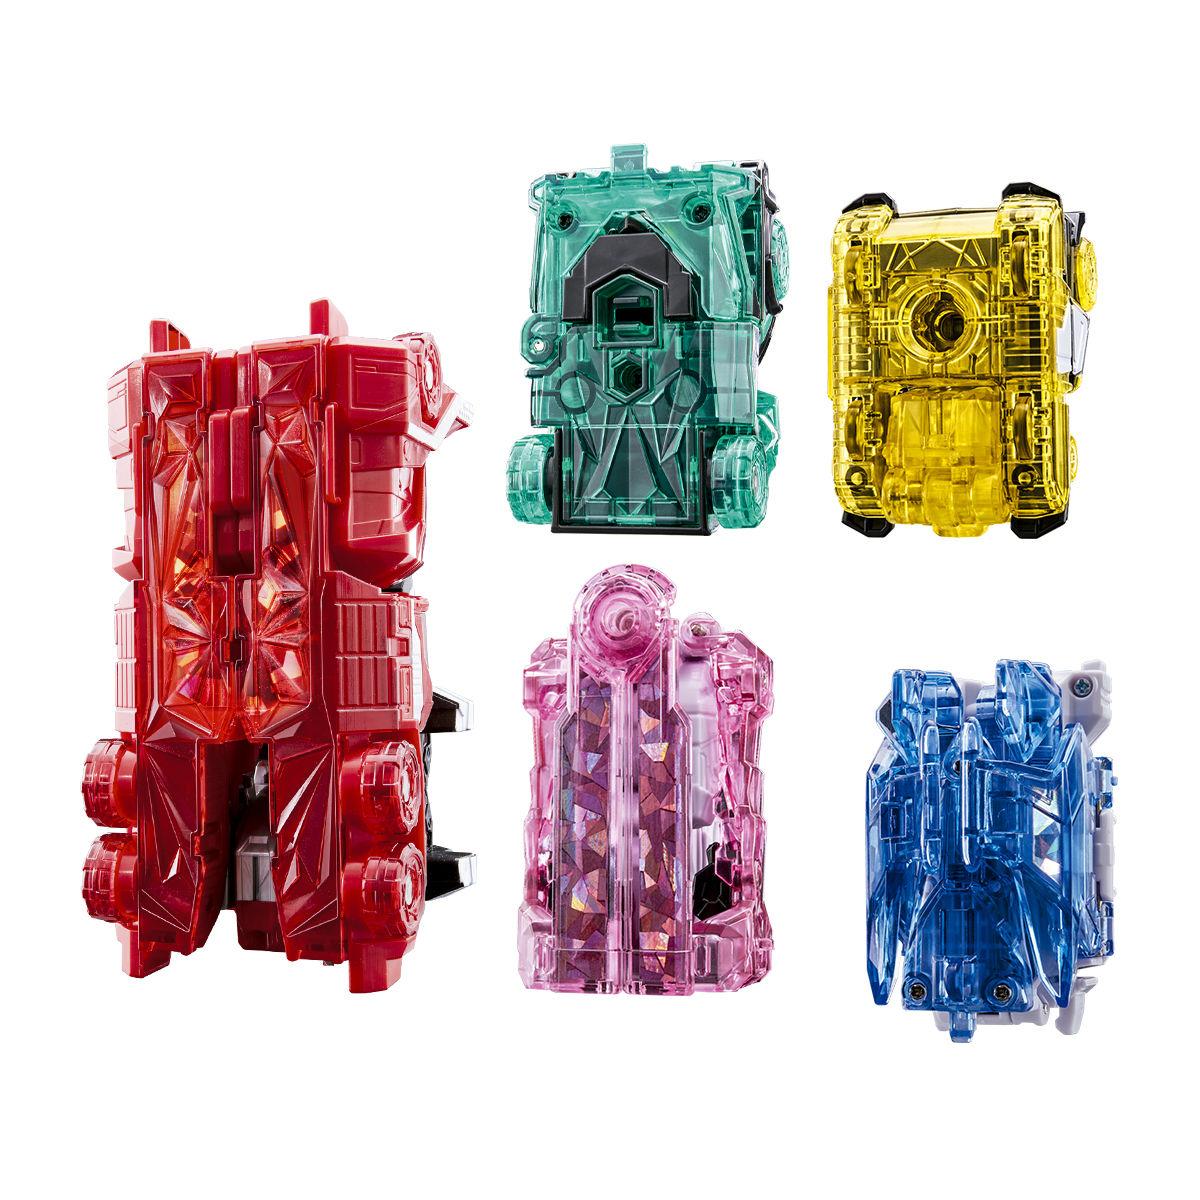 キラメイジャー ロボシリーズ01『魔進合体 DXキラメイジンセット』可変可動フィギュア-011